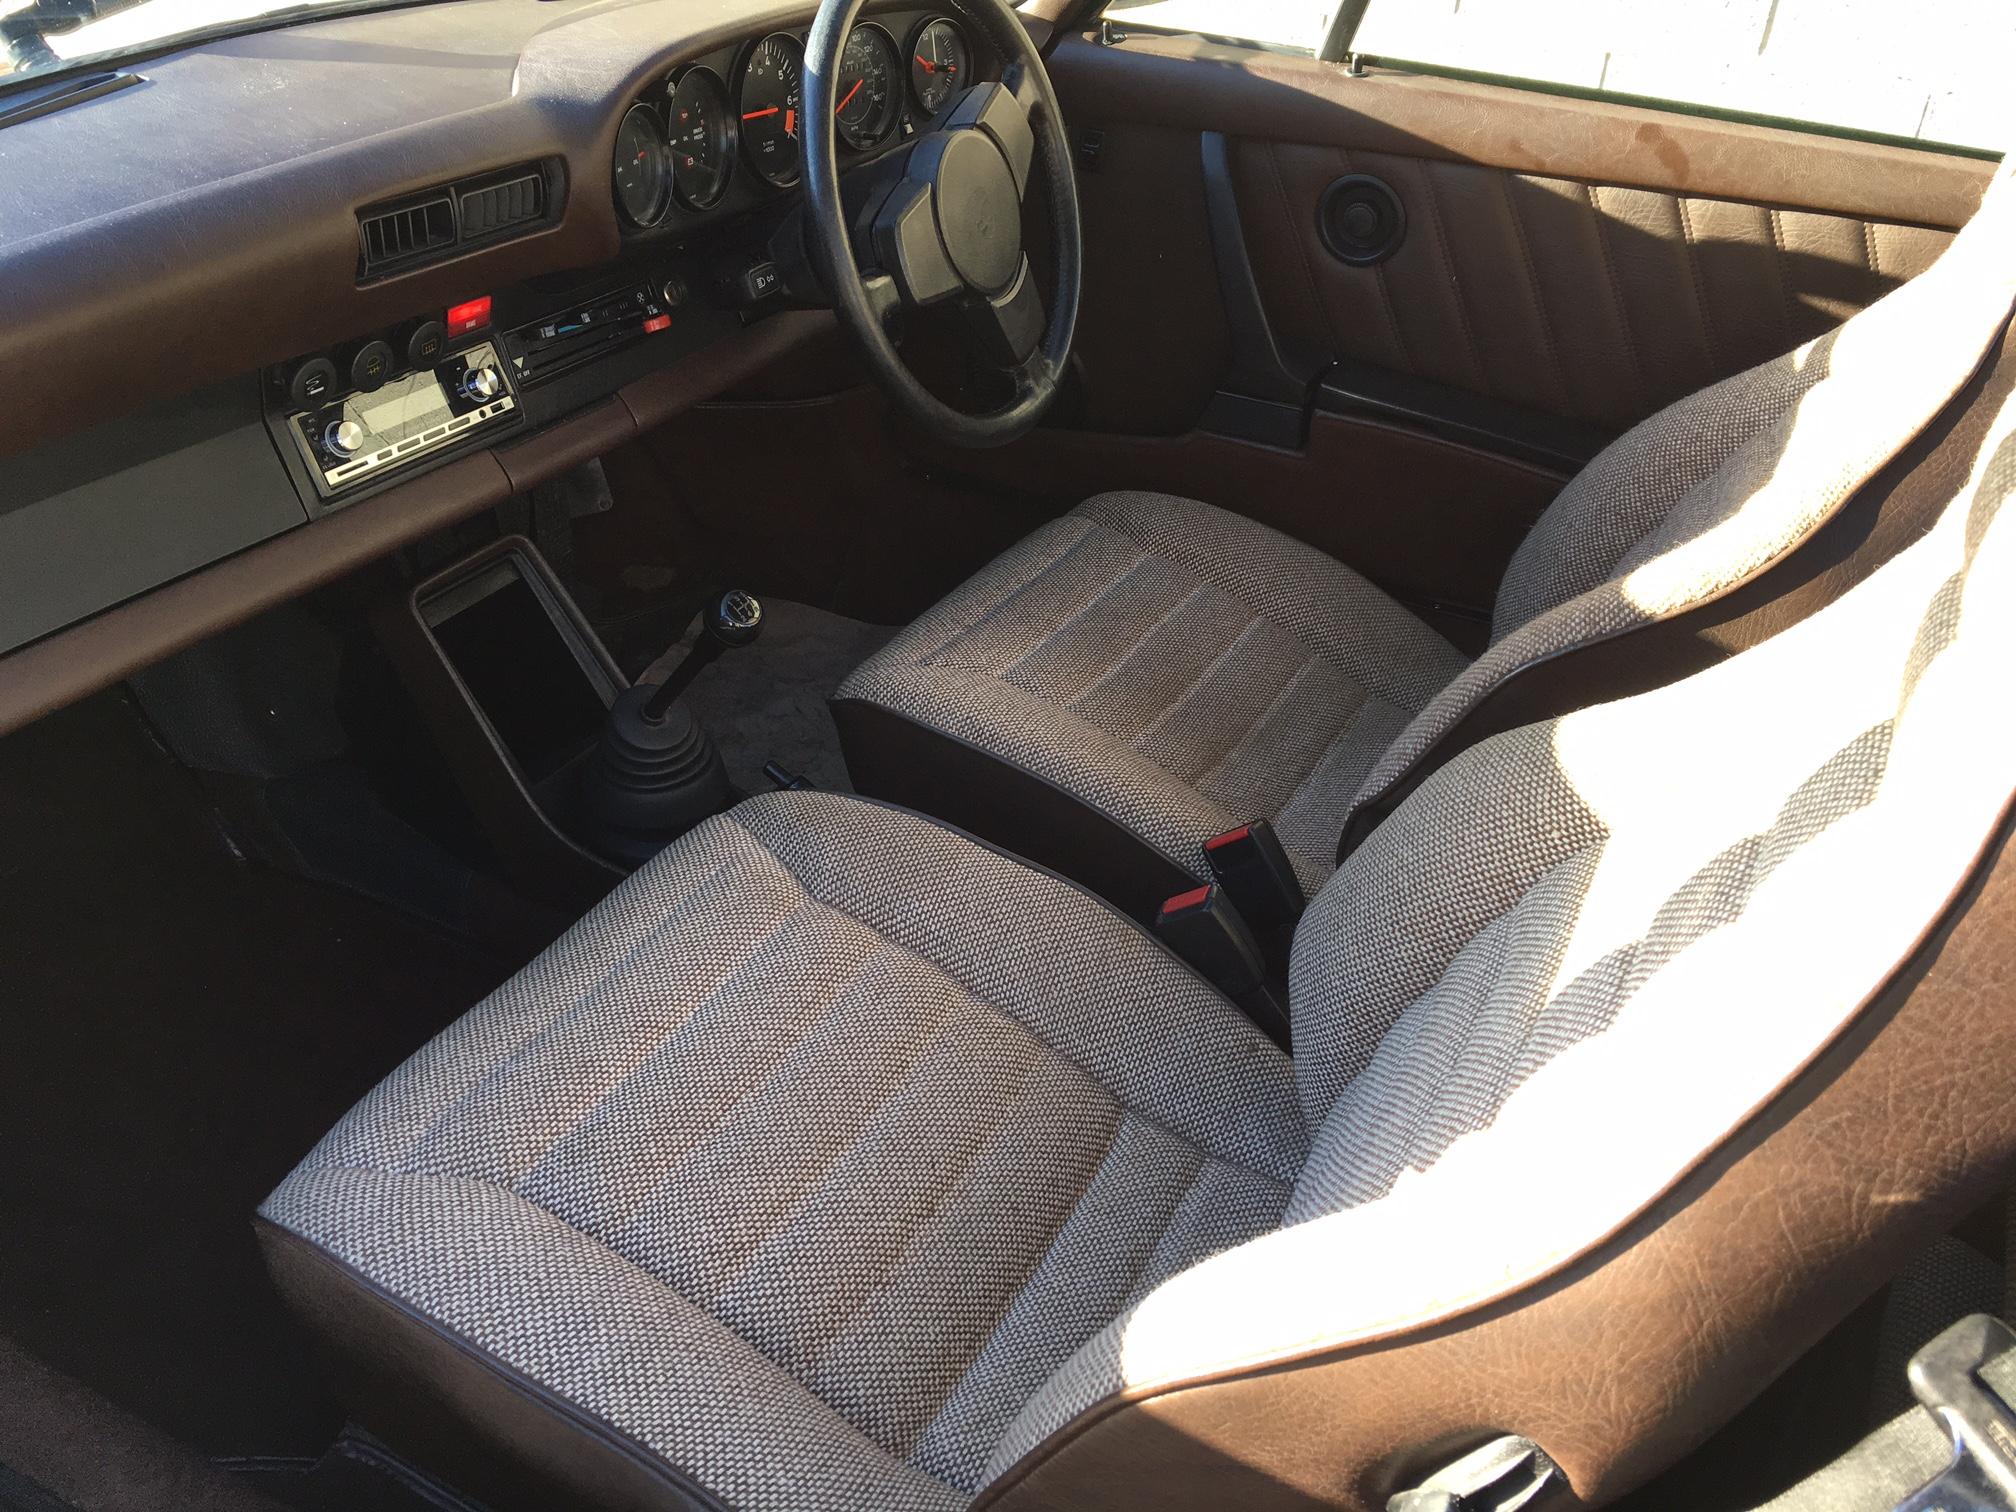 Porsche-911-seat